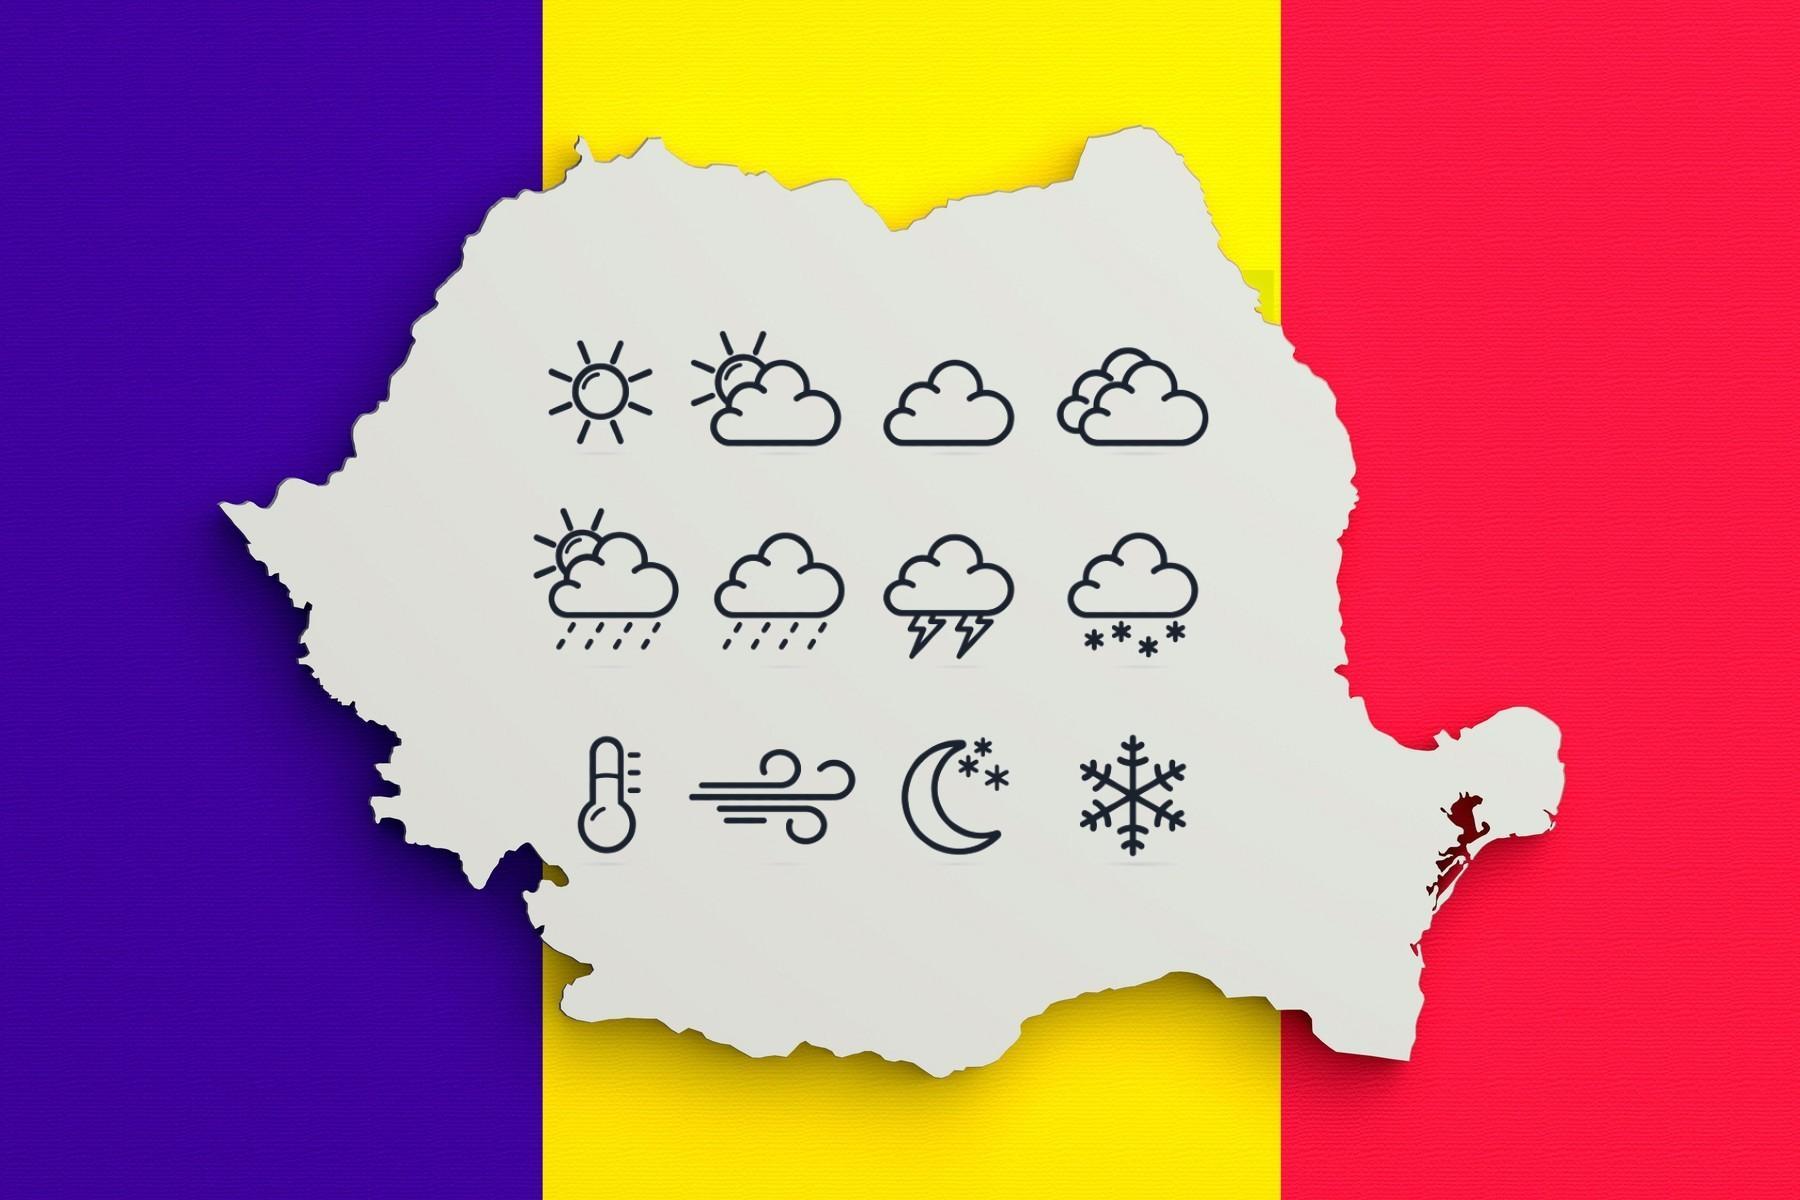 Prognoză meteo 19 noiembrie 2020. Cum e vremea în România și care sunt previziunile ANM pentru astăzi